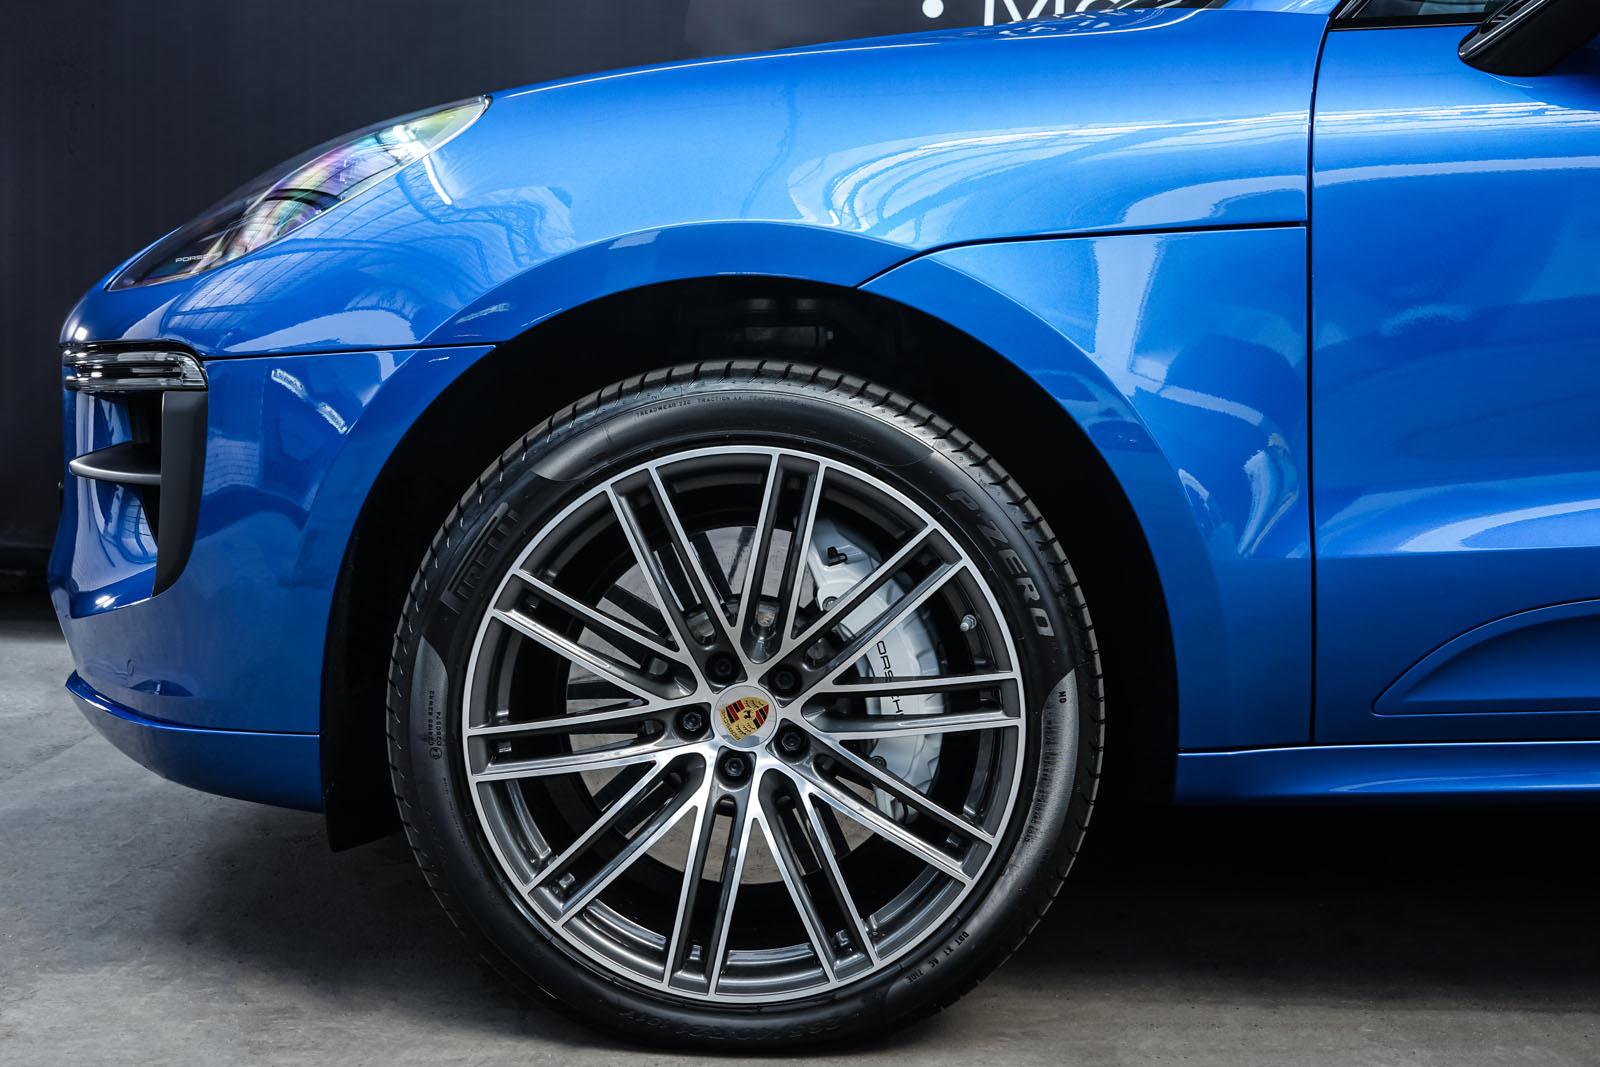 Porsche_Macan_Turbo_Blau_Weiß_POR-2038_3_w